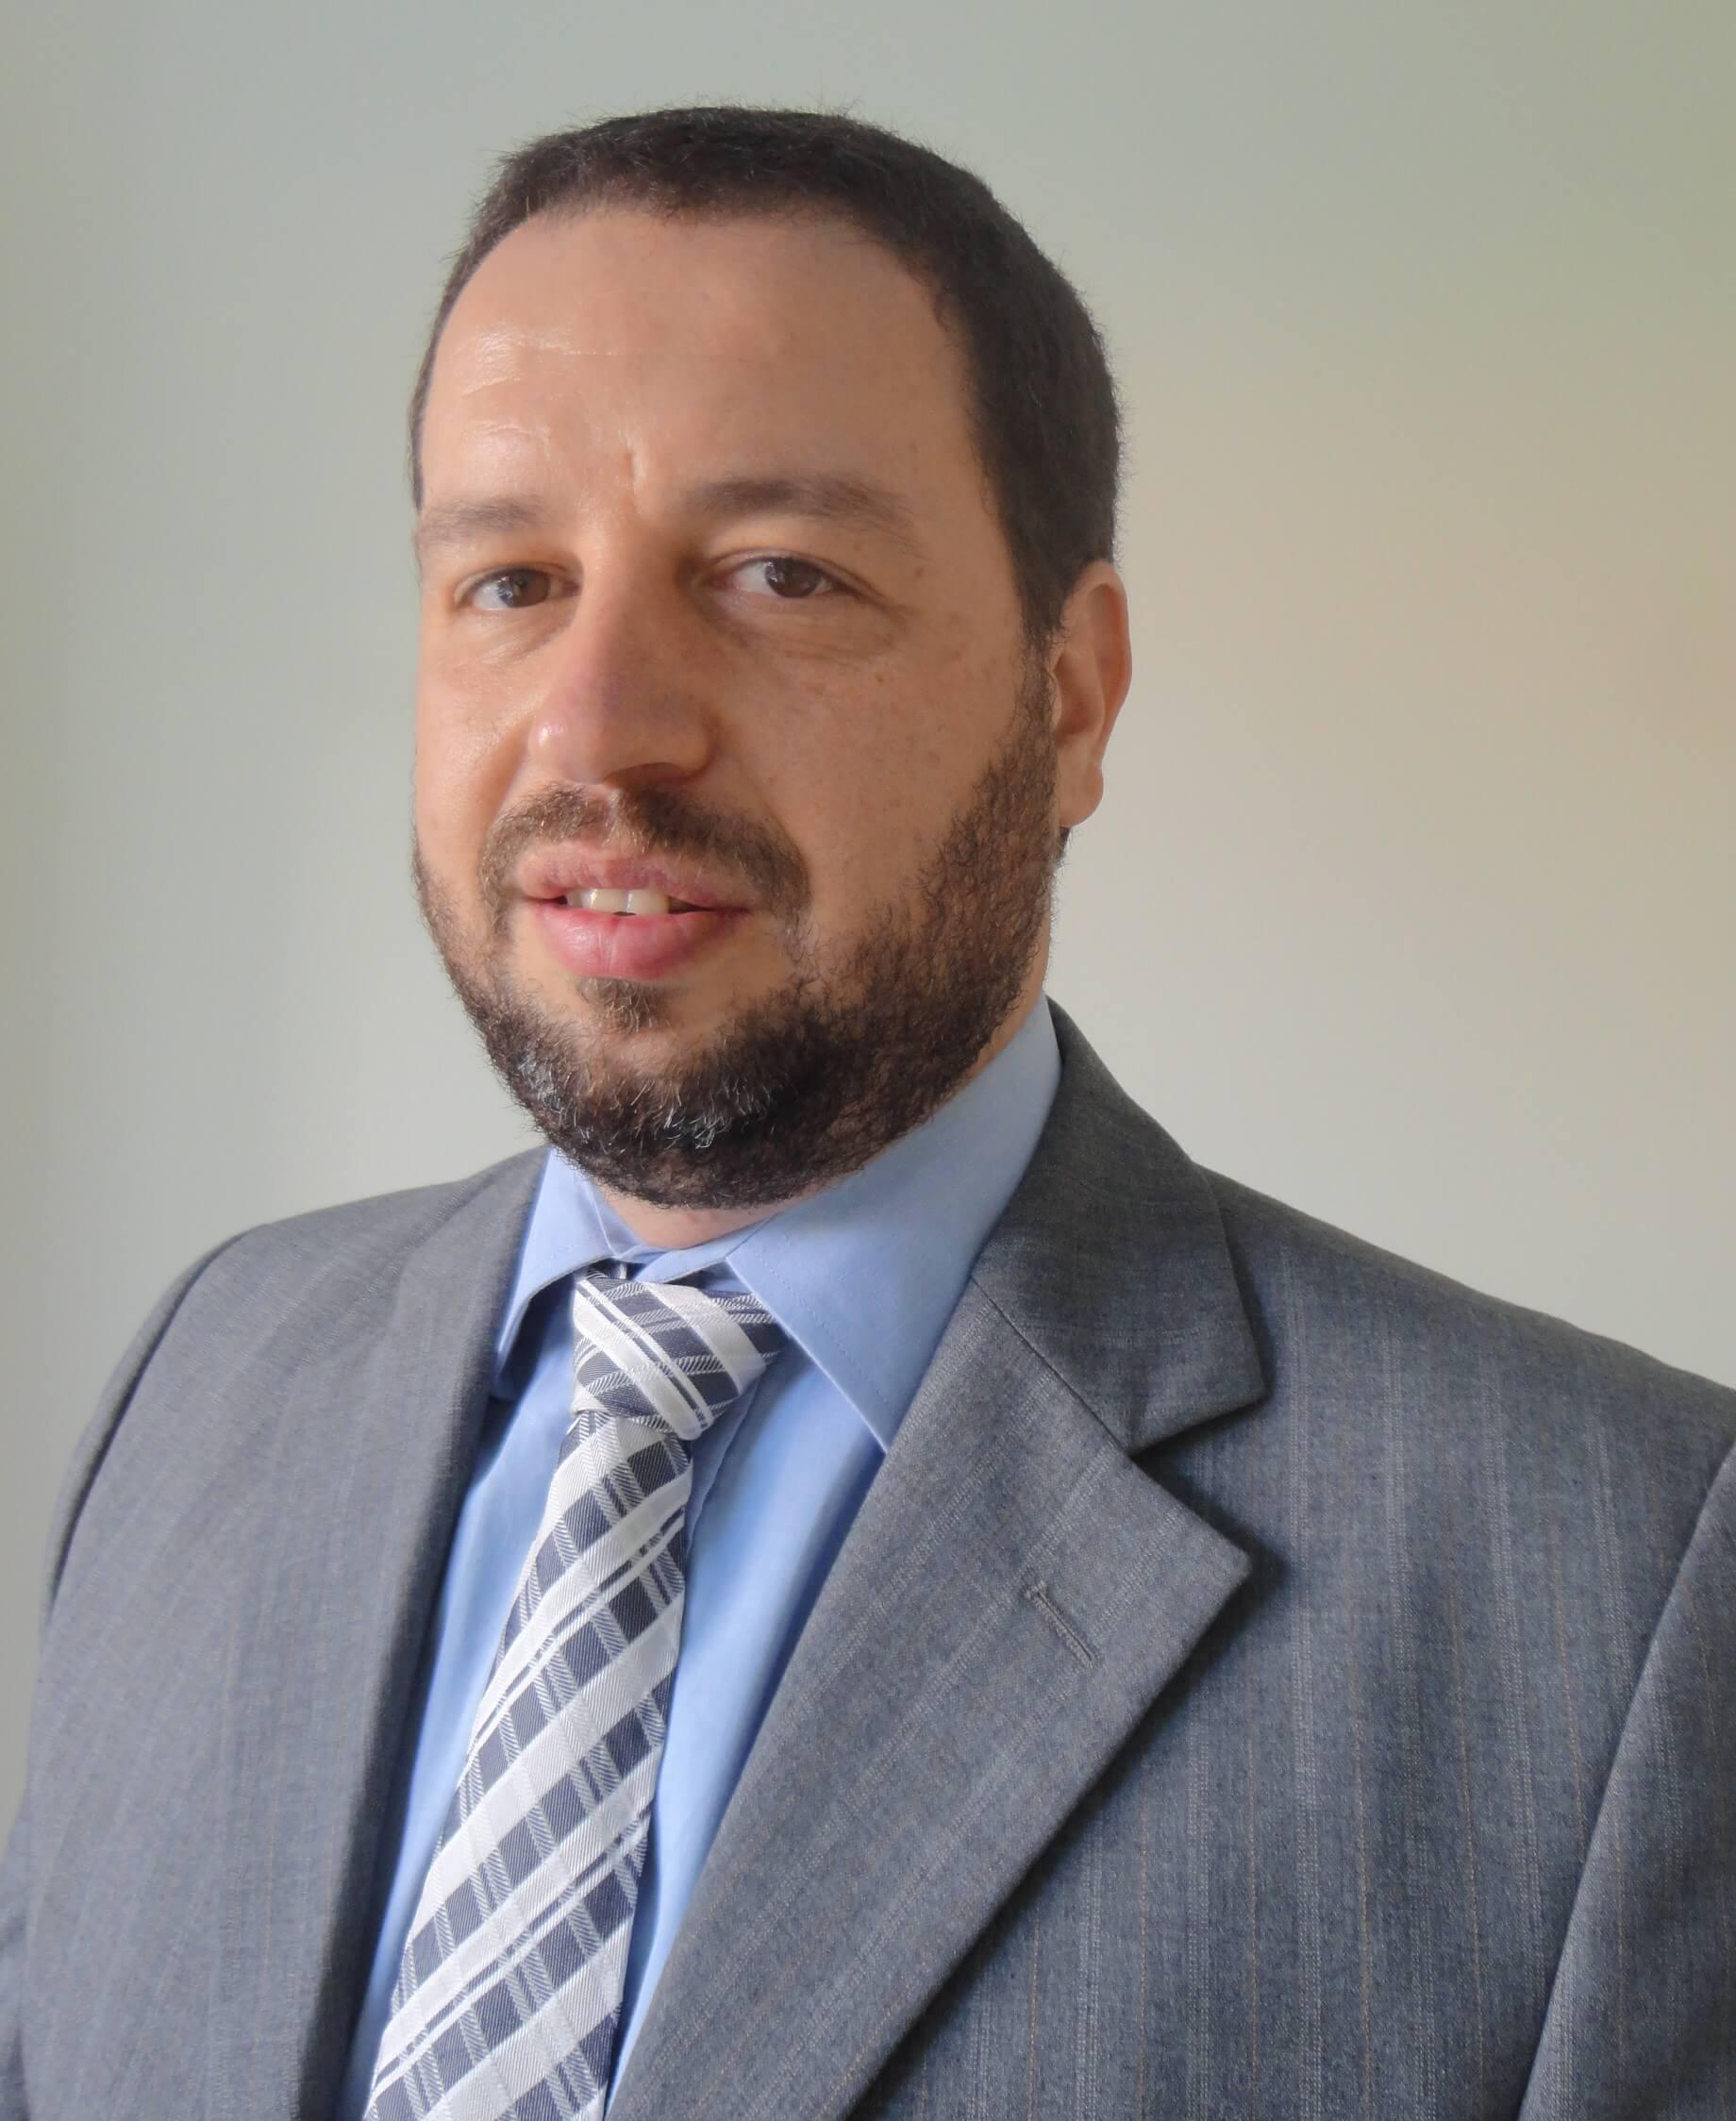 Eng. Marcelo Medeiros